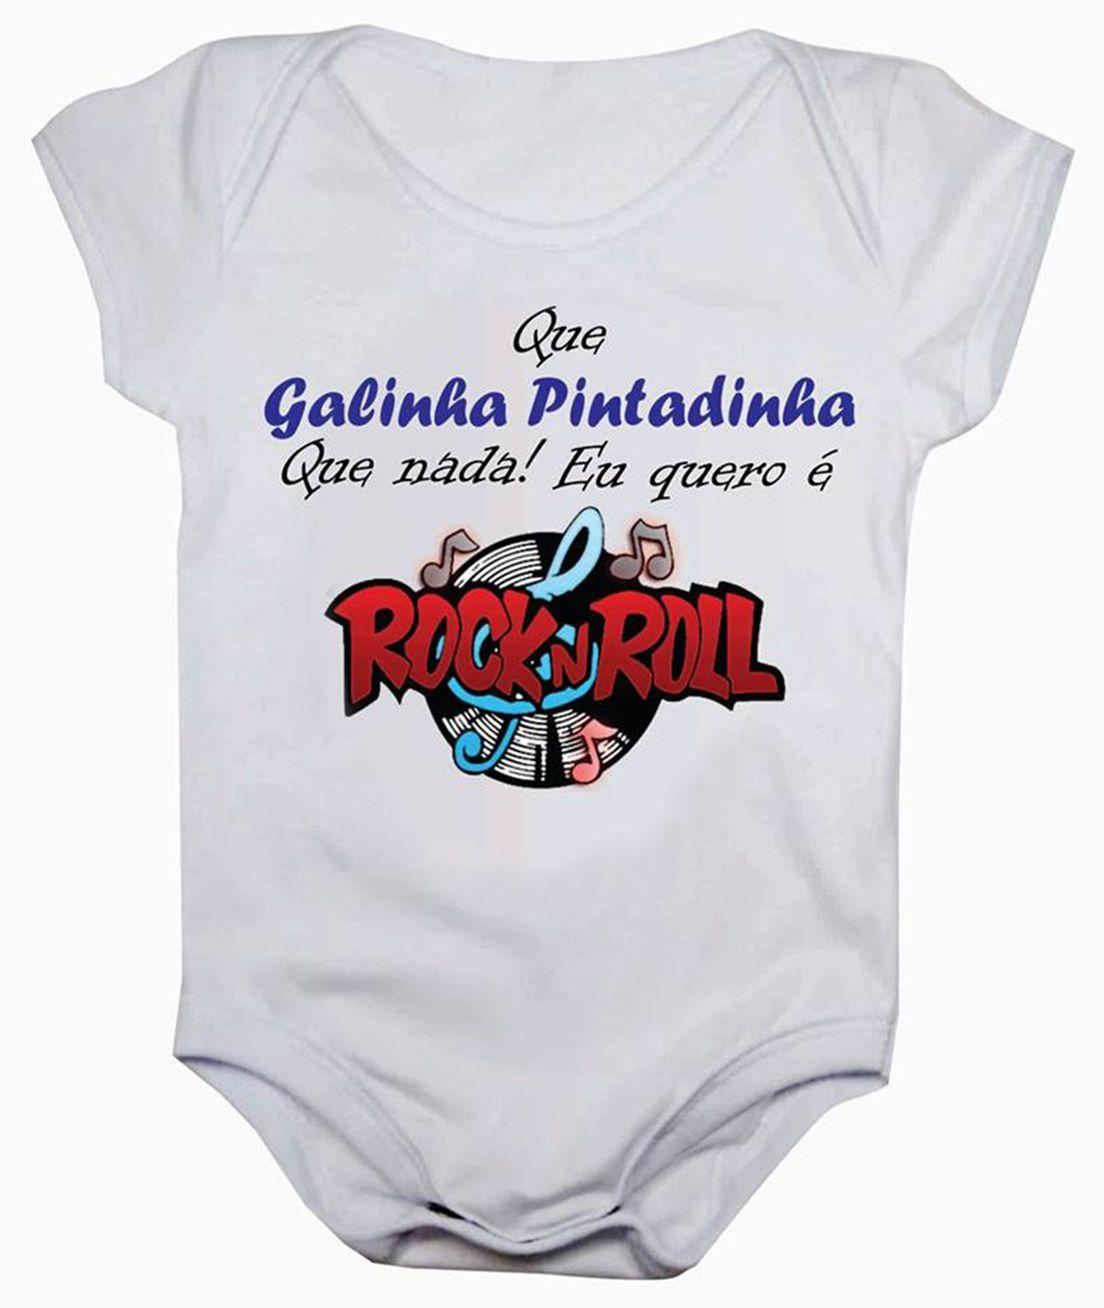 Body de bebê eu quero é rock in roll